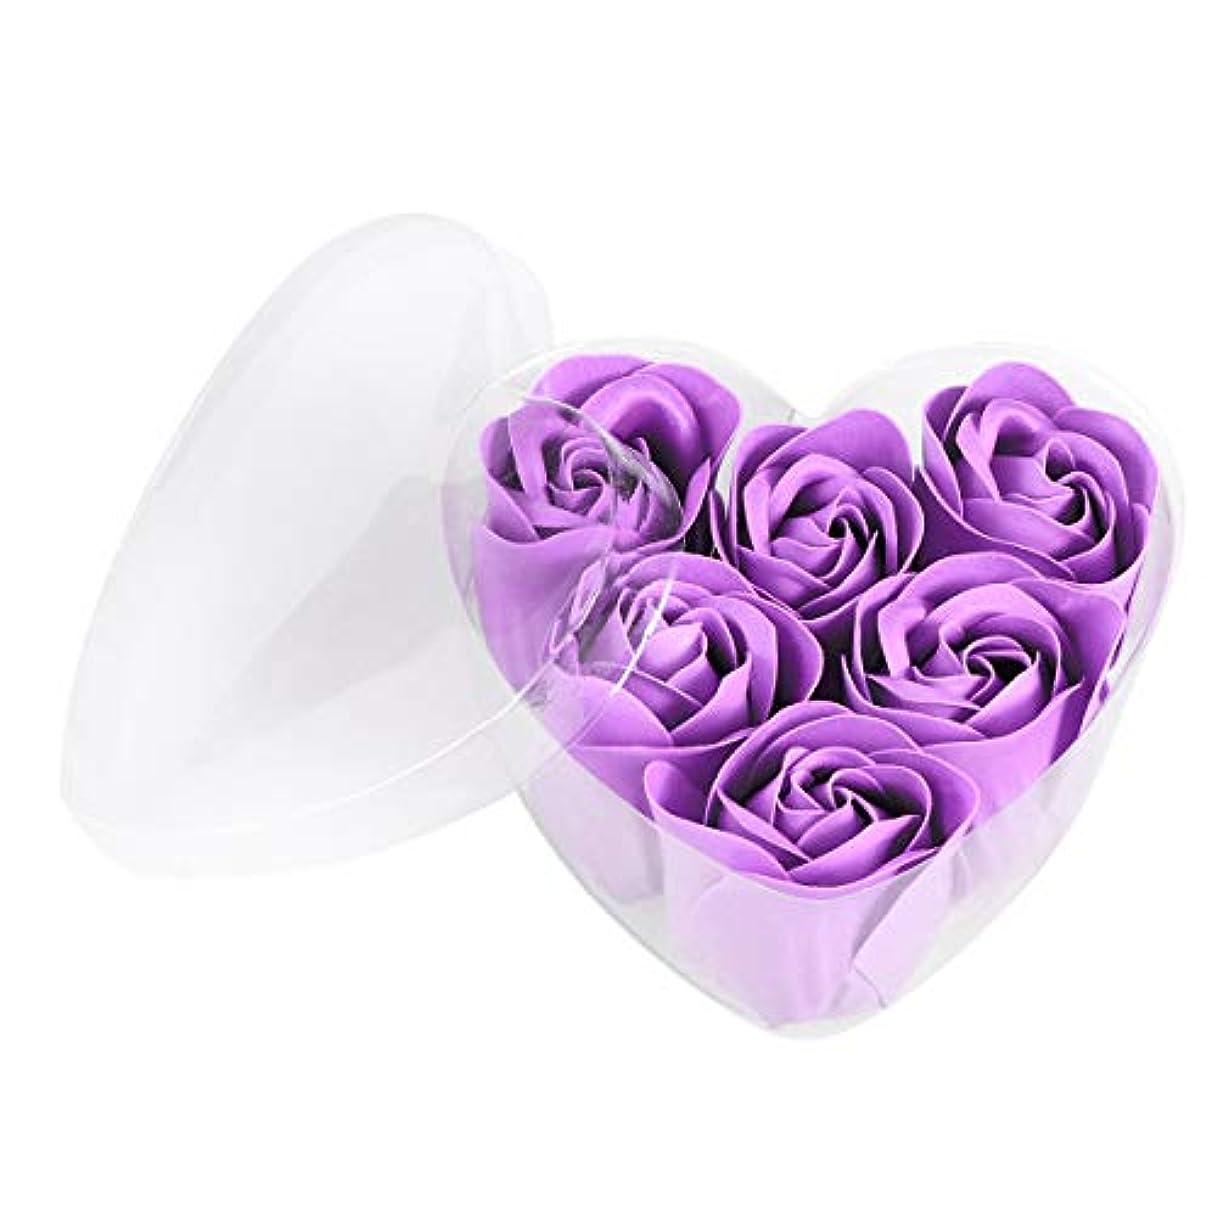 尊敬する対称クックFRCOLOR 6ピースシミュレーションローズソープハート型フラワーソープギフトボックス用誕生日Valentin's Day(紫)